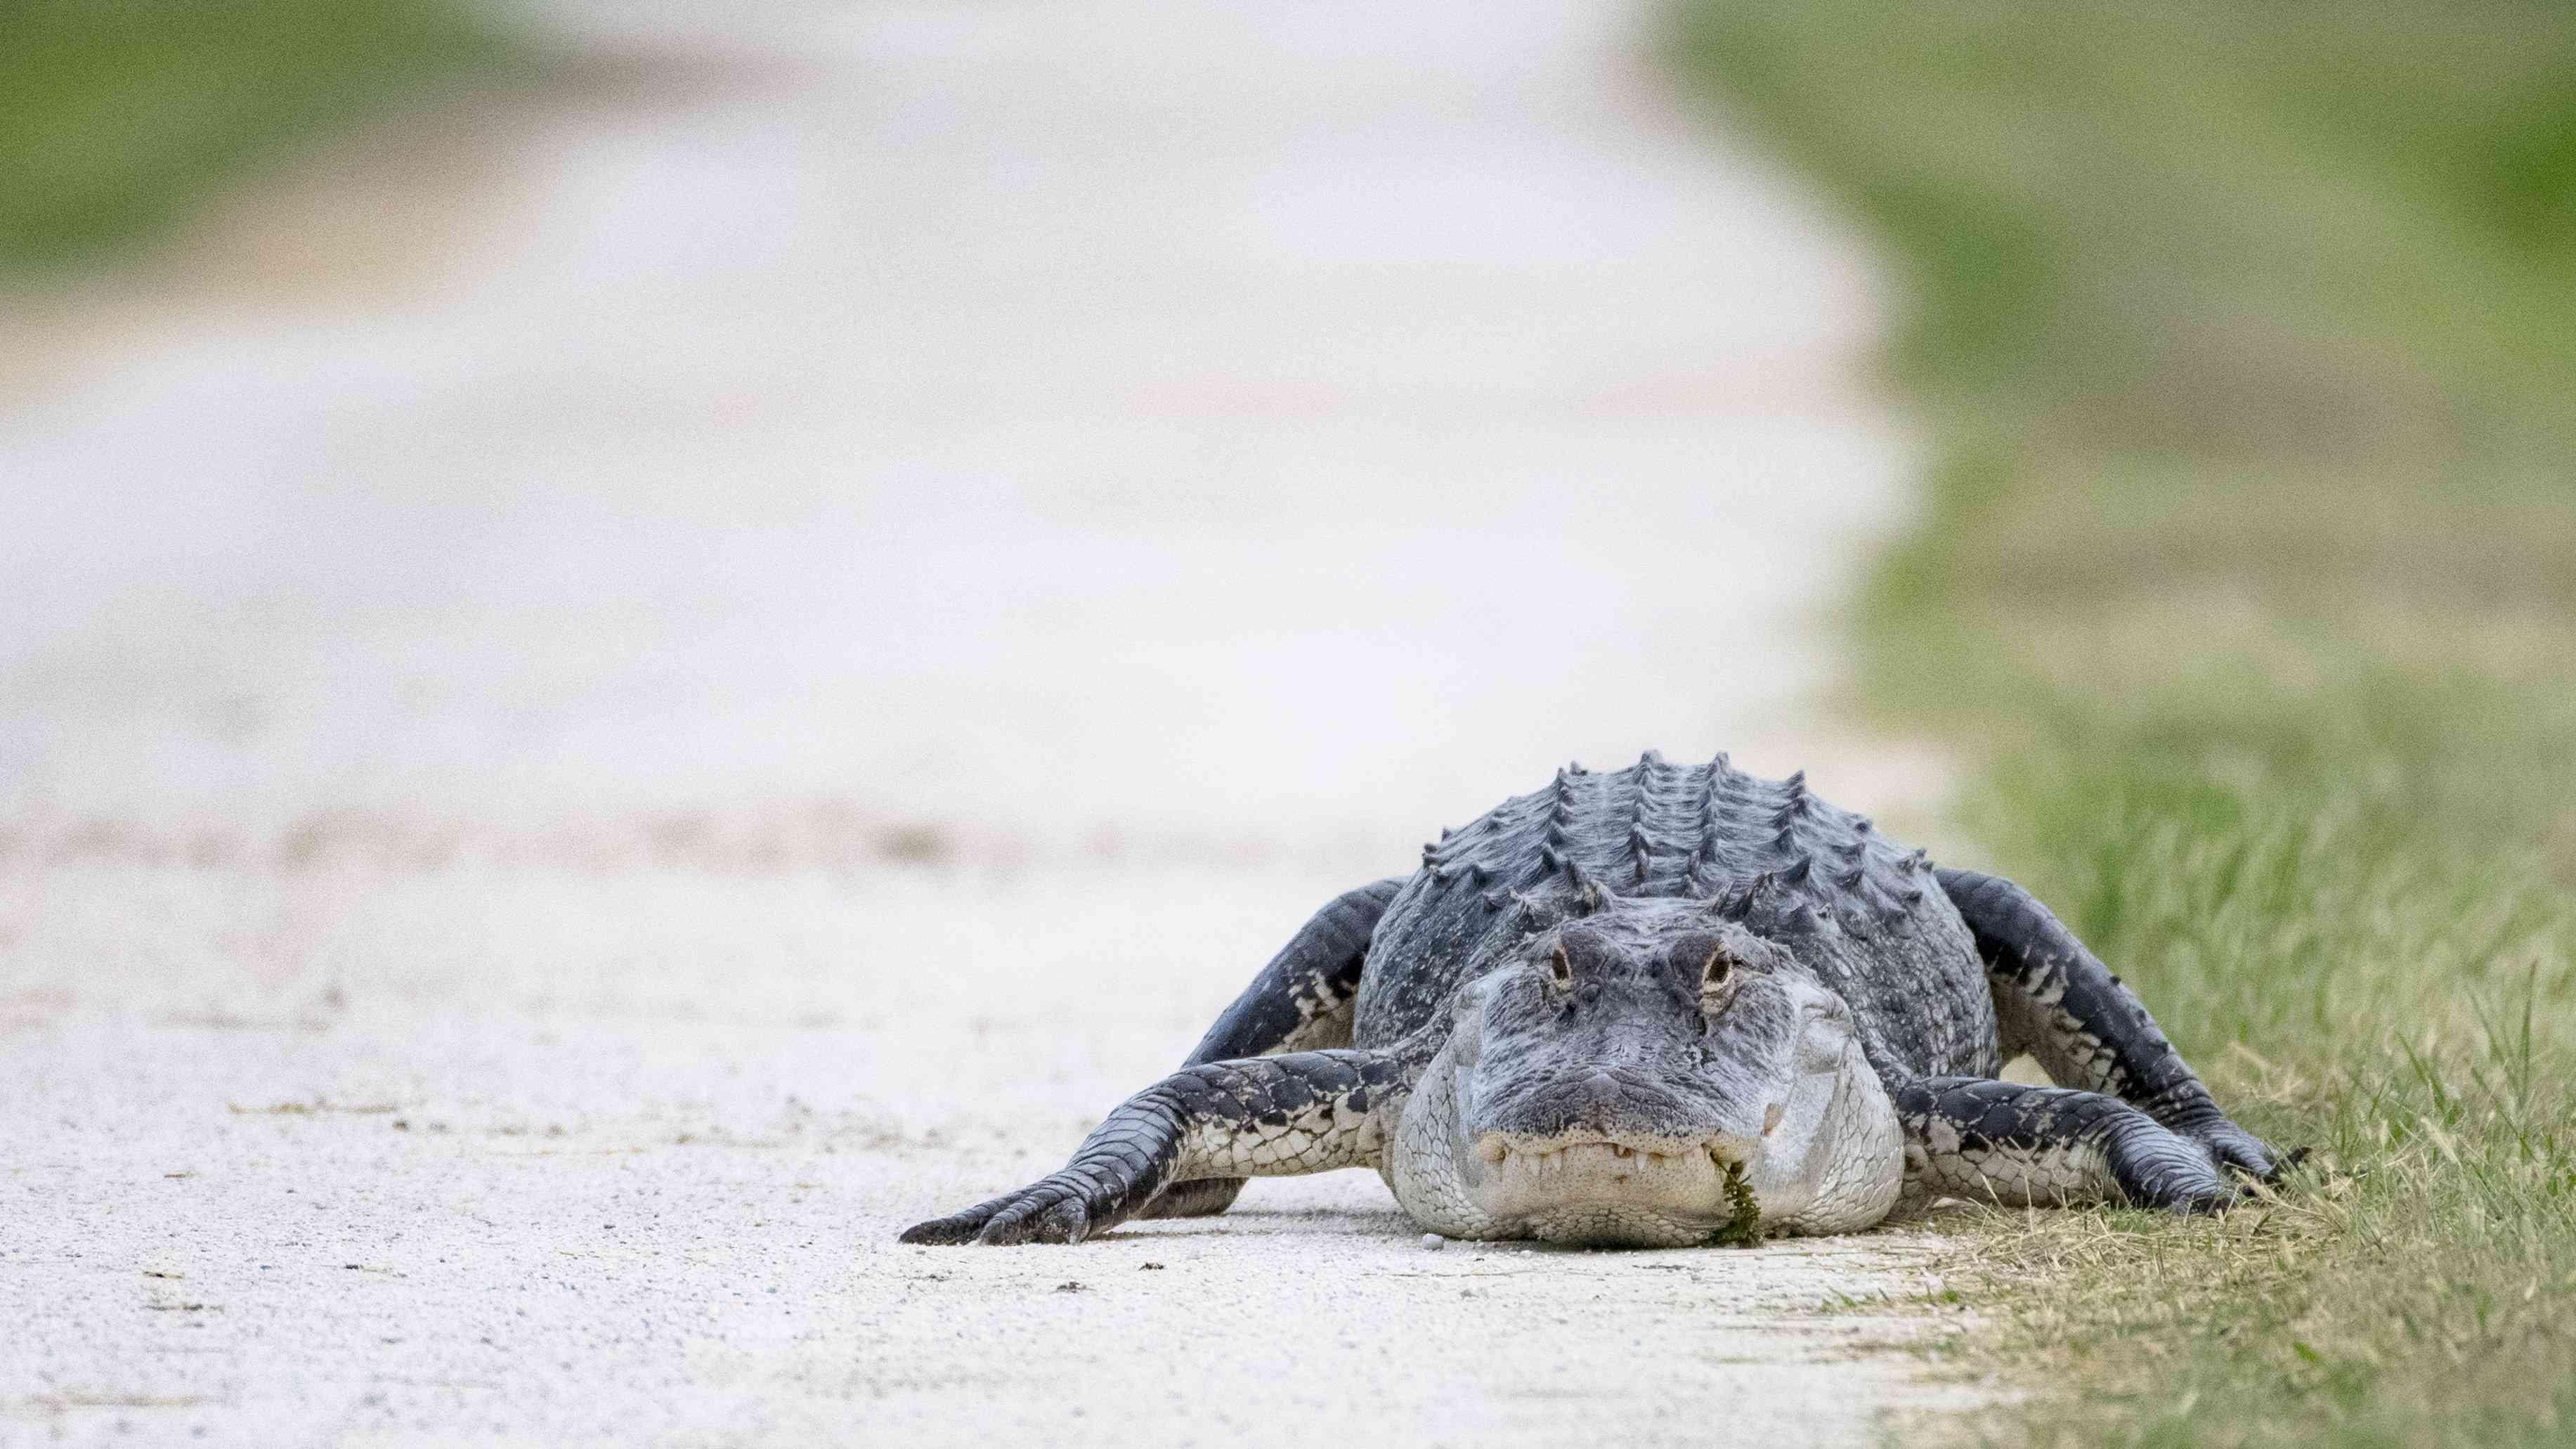 Alligator in Lake Apopka Wildlife Drive in central Florida